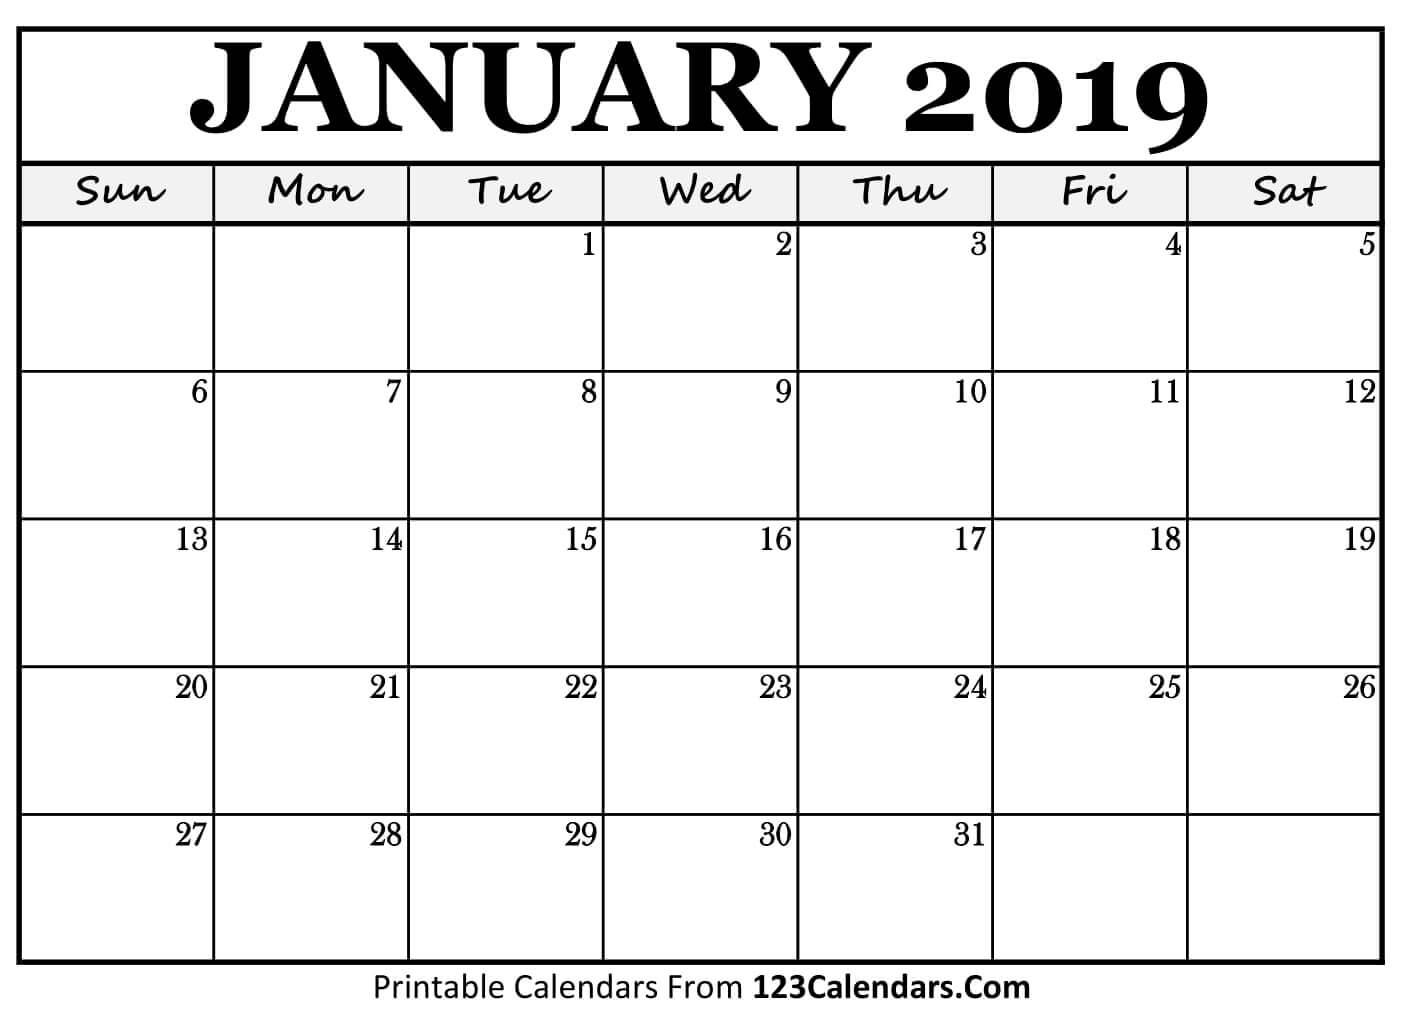 January 2019 Calendar Printable Template - Printable Calendar 2019 regarding January Calendar Printable Template With Holidays